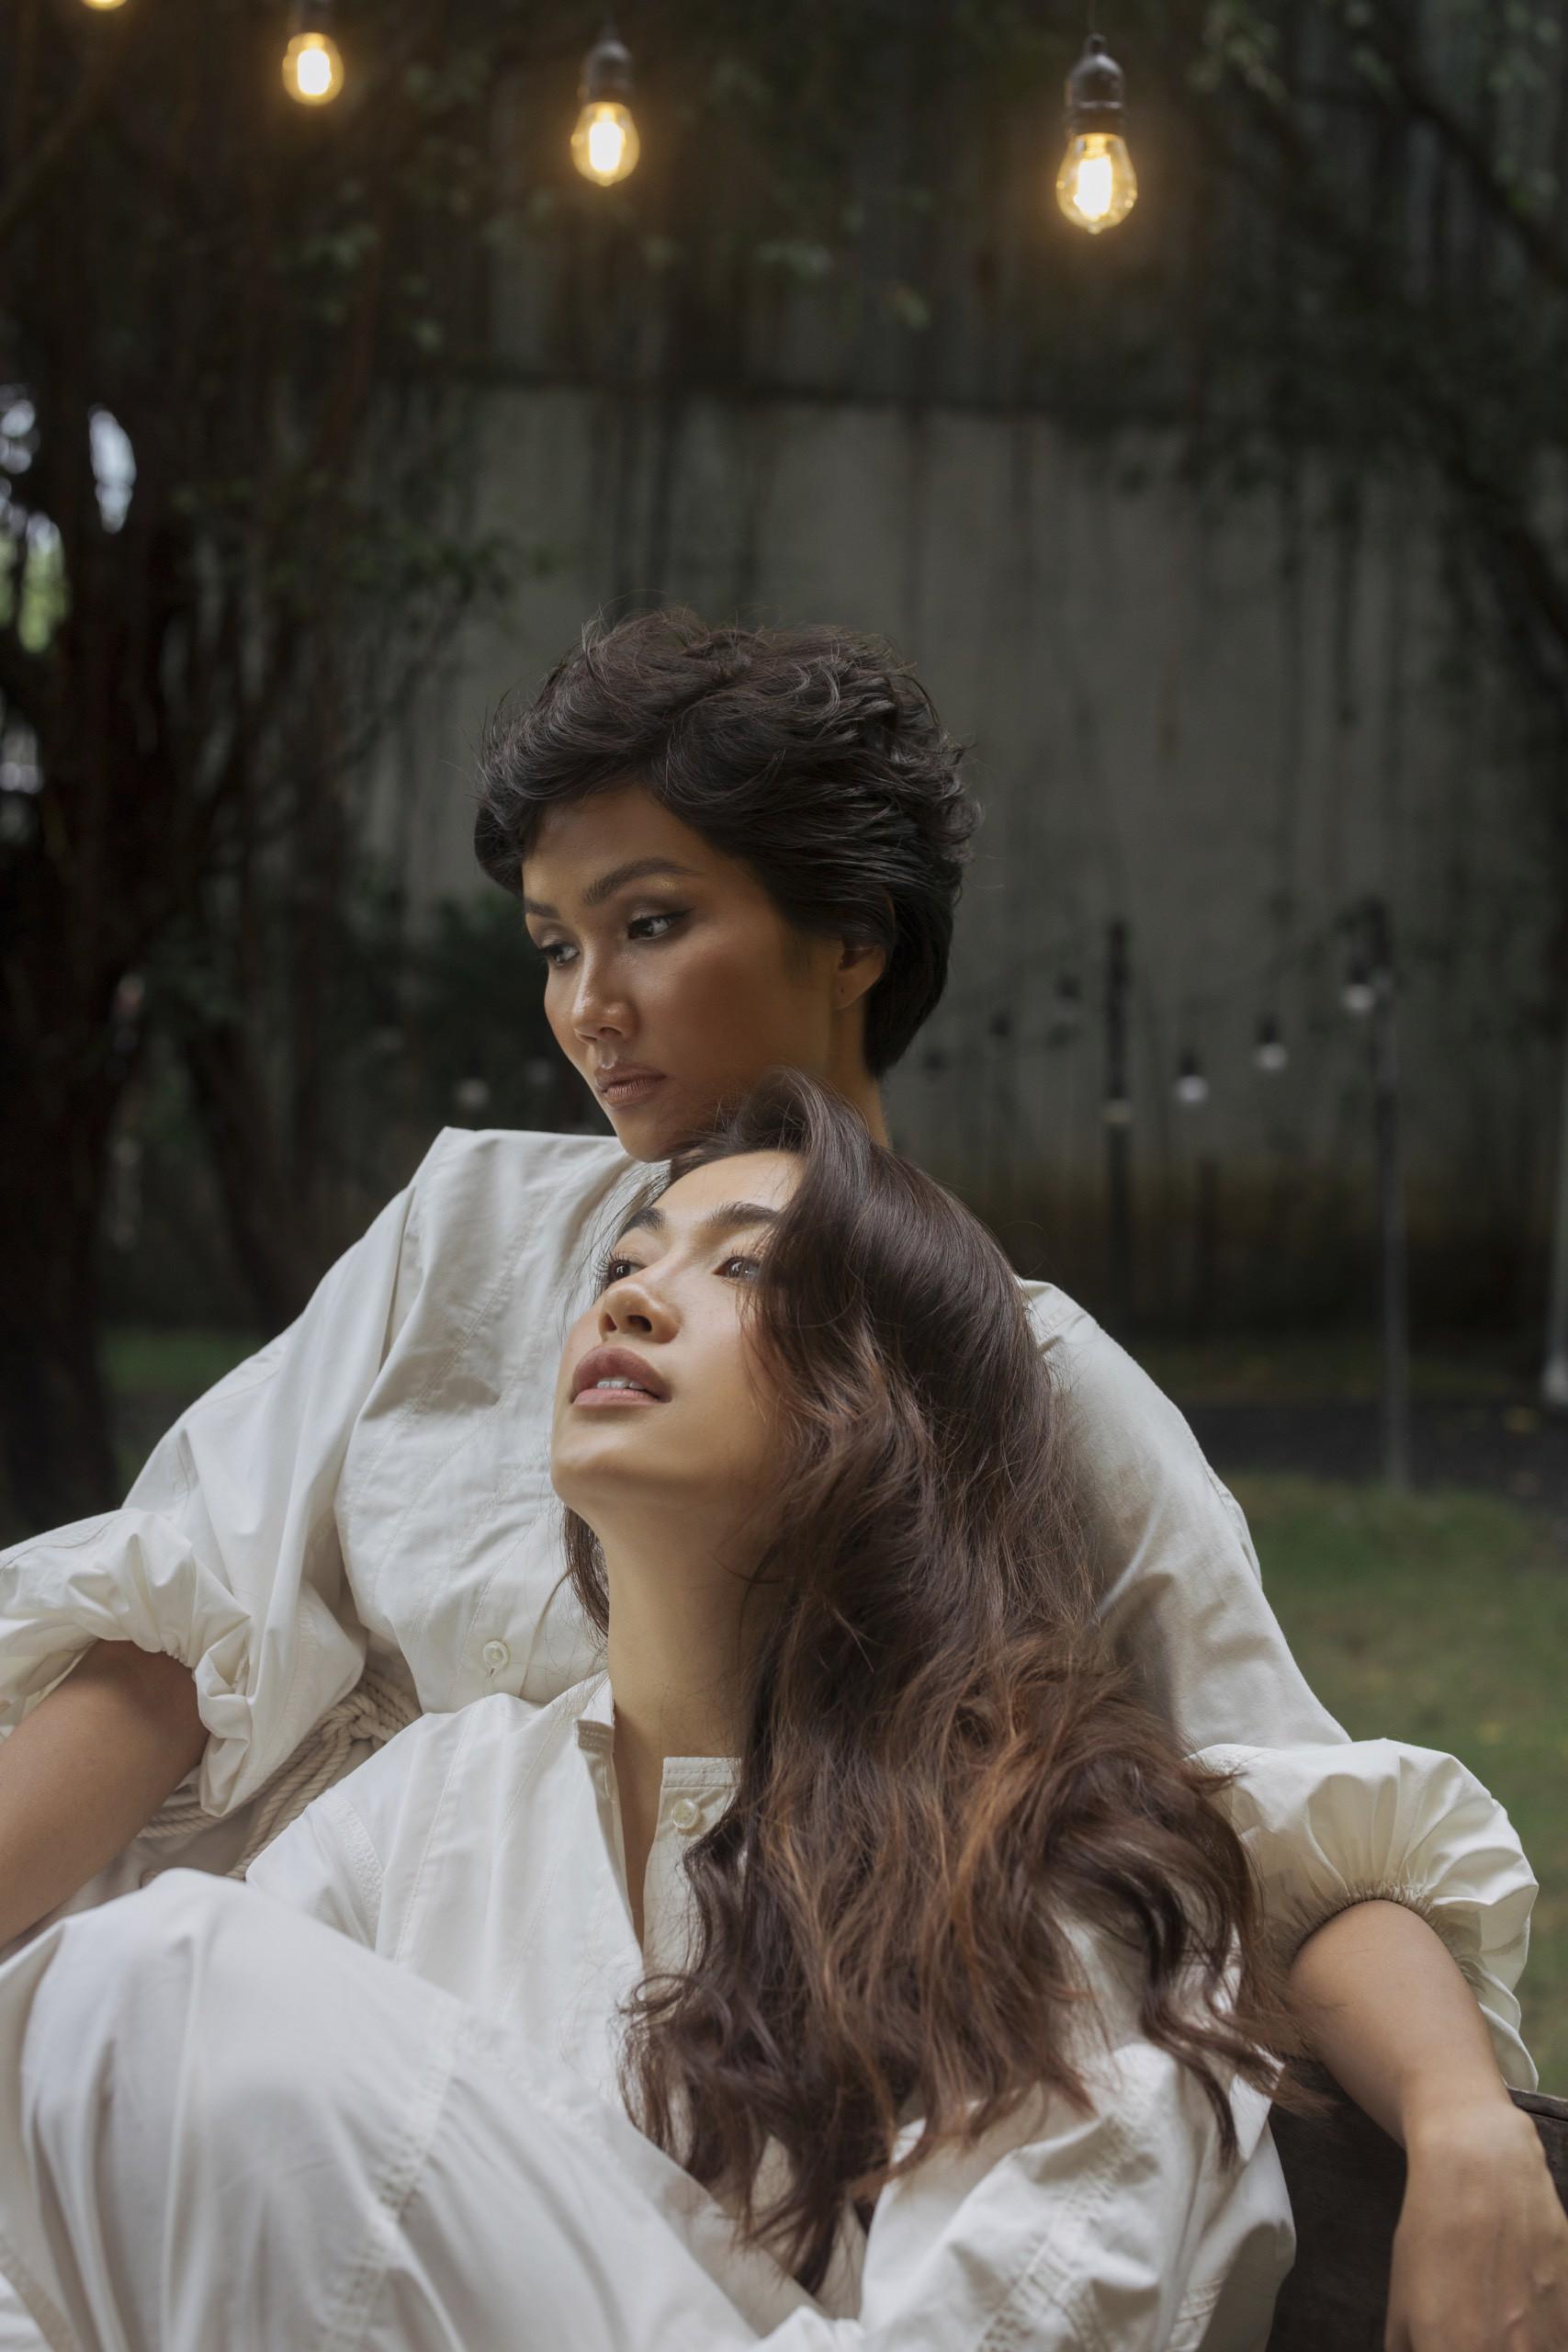 Cuộc đua kỳ thú: Hoa hậu HHen Niê gây ngỡ ngàng khi chia sẻ Ai cũng ghen tỵ với Đỗ Mỹ Linh!-13